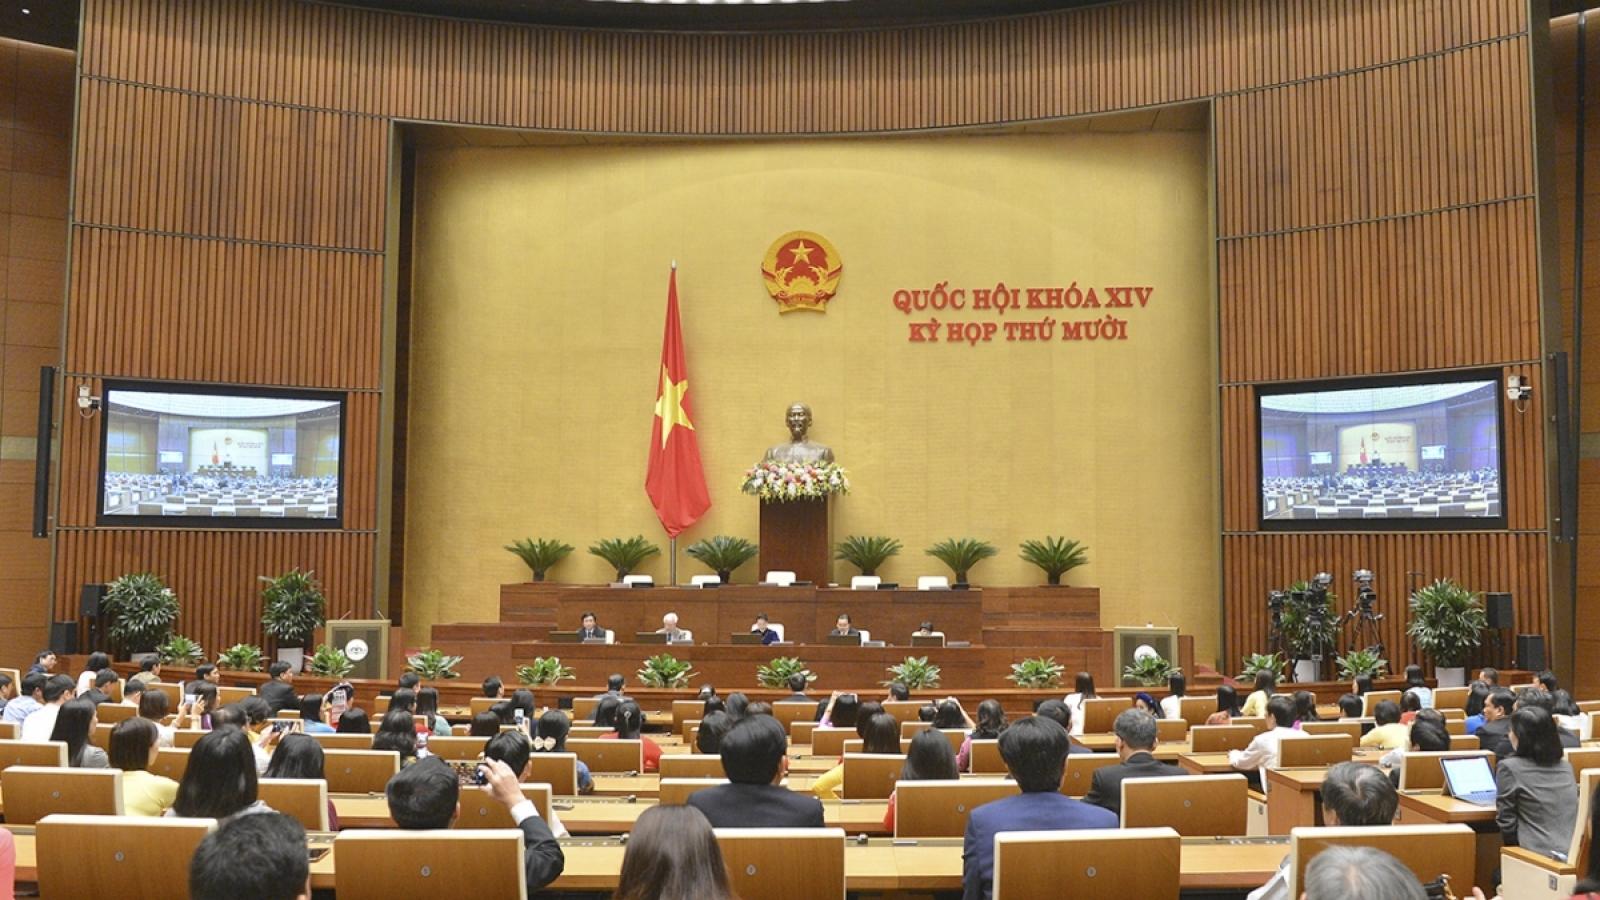 302 đại biểu Quốc hội không đồng ý tách Luật Giao thông đường bộ